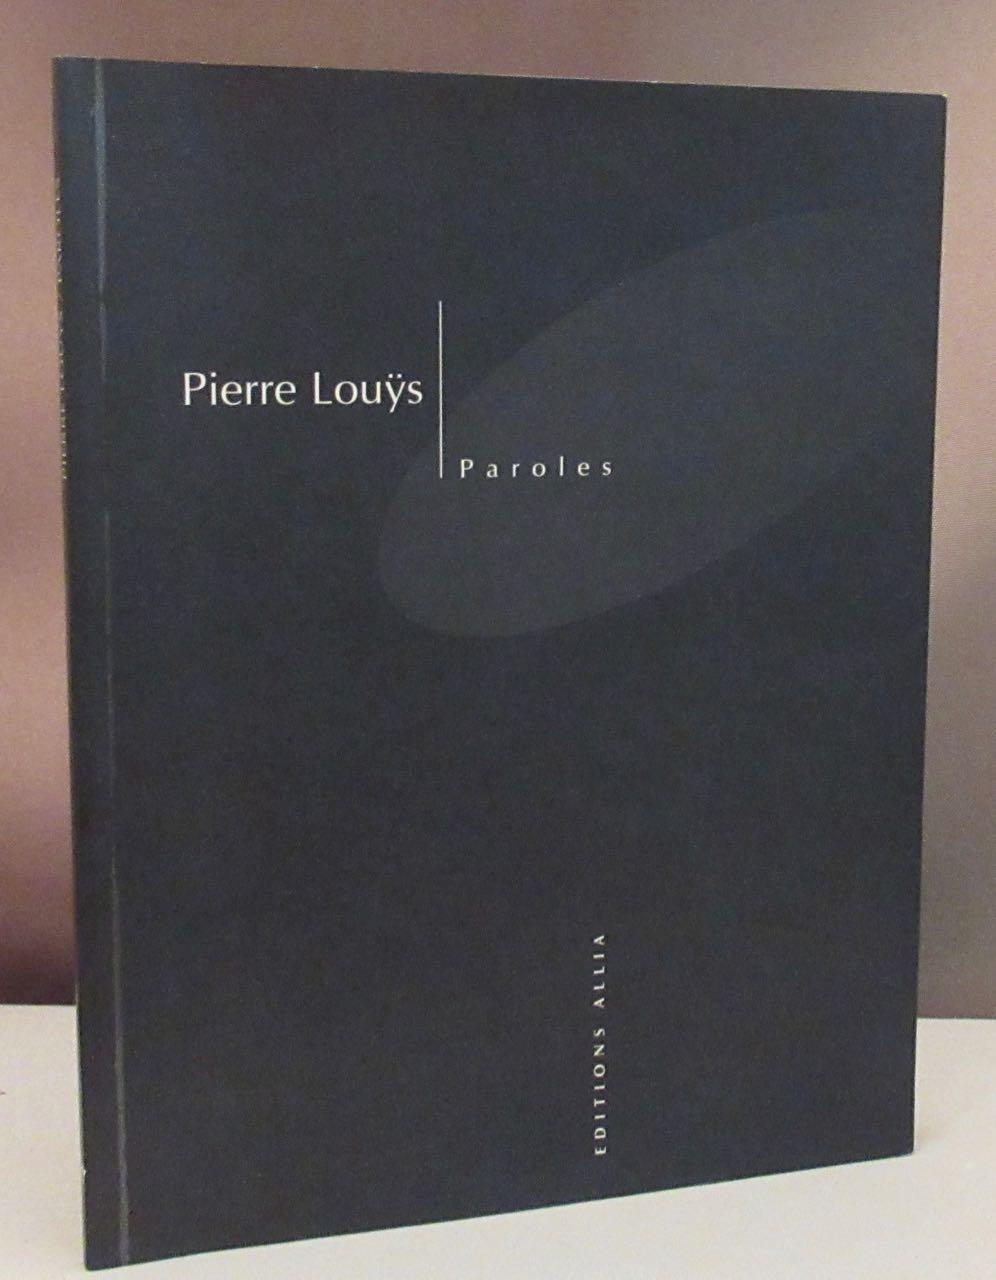 Paroles. Accompagnées de quinze photographies anonymes suivies de Pierre Louys, moderne involontaire par Guillaume Leingre. - Louys, Pierre.